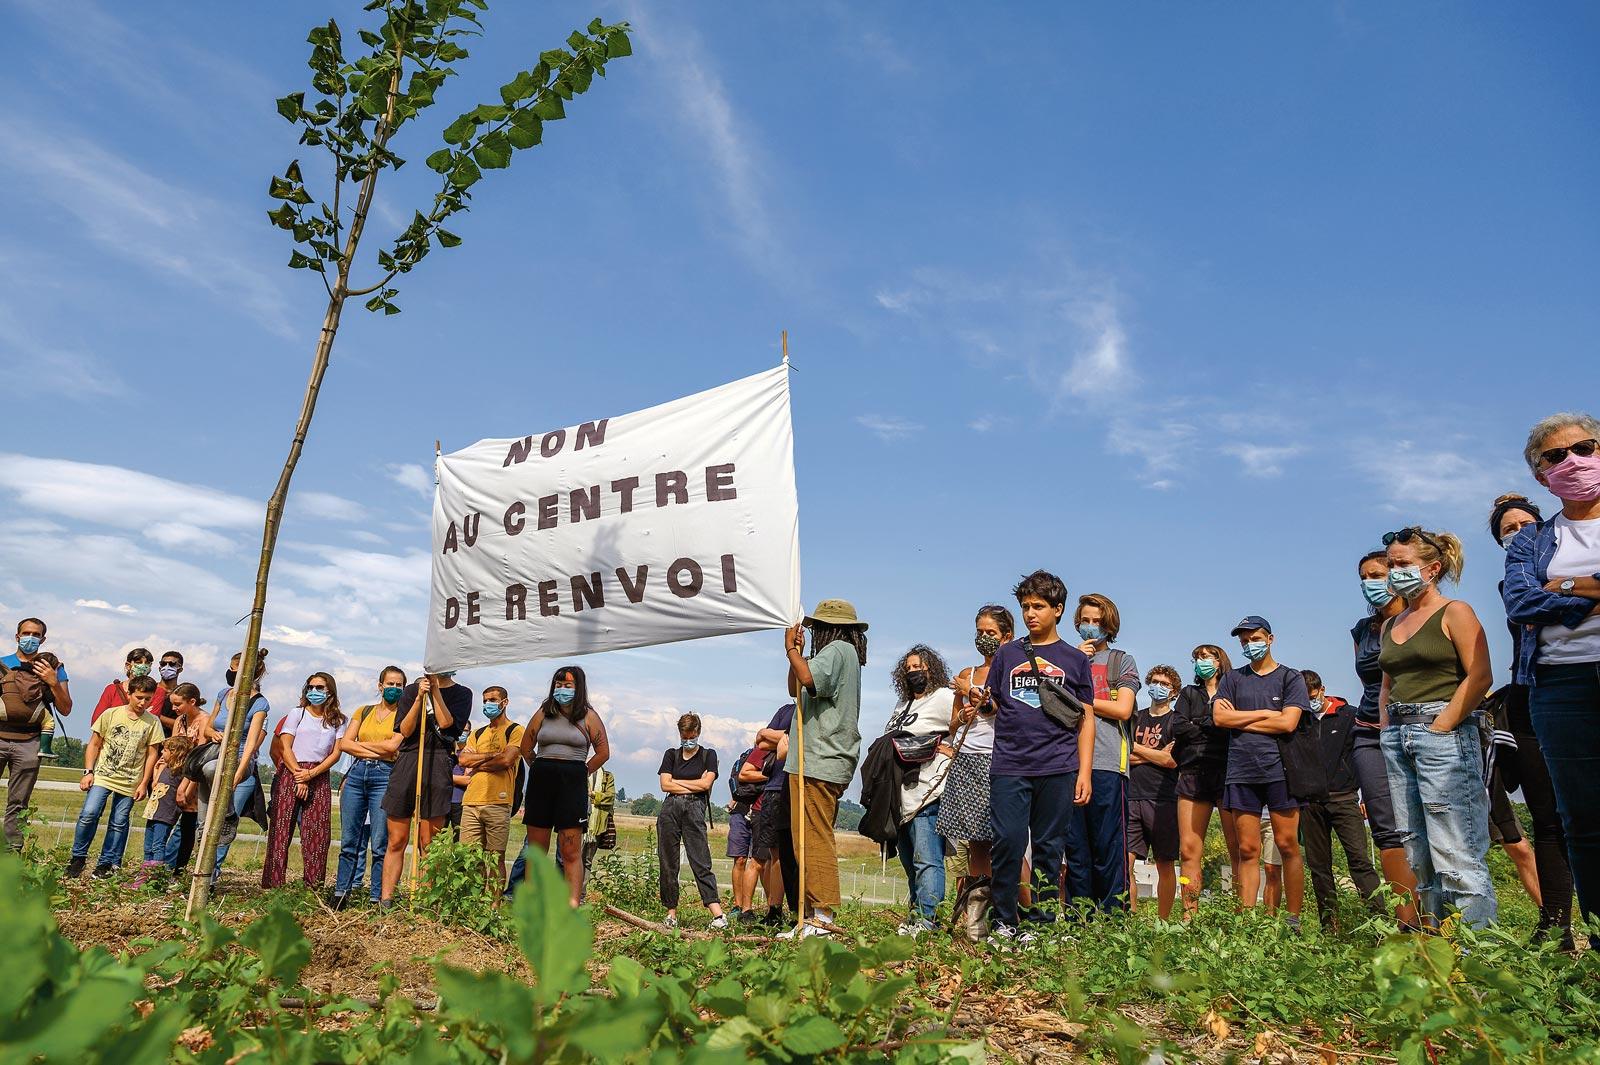 action non au centre de renvoi Genève, Eric Roset